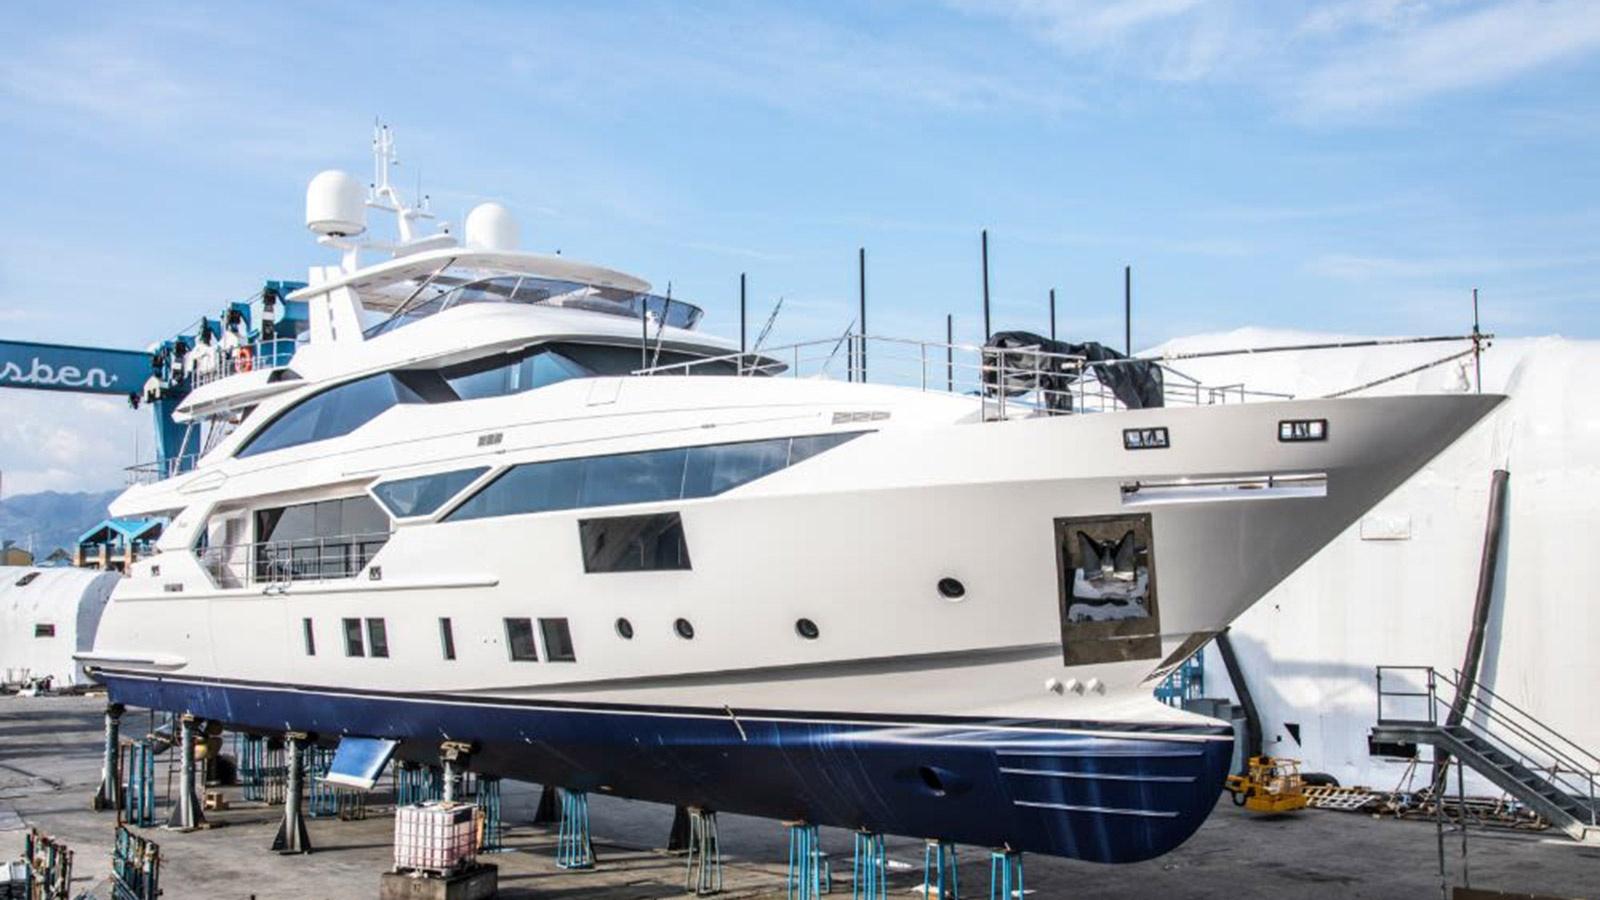 superiate bangadang benetti yachts - boat shopping